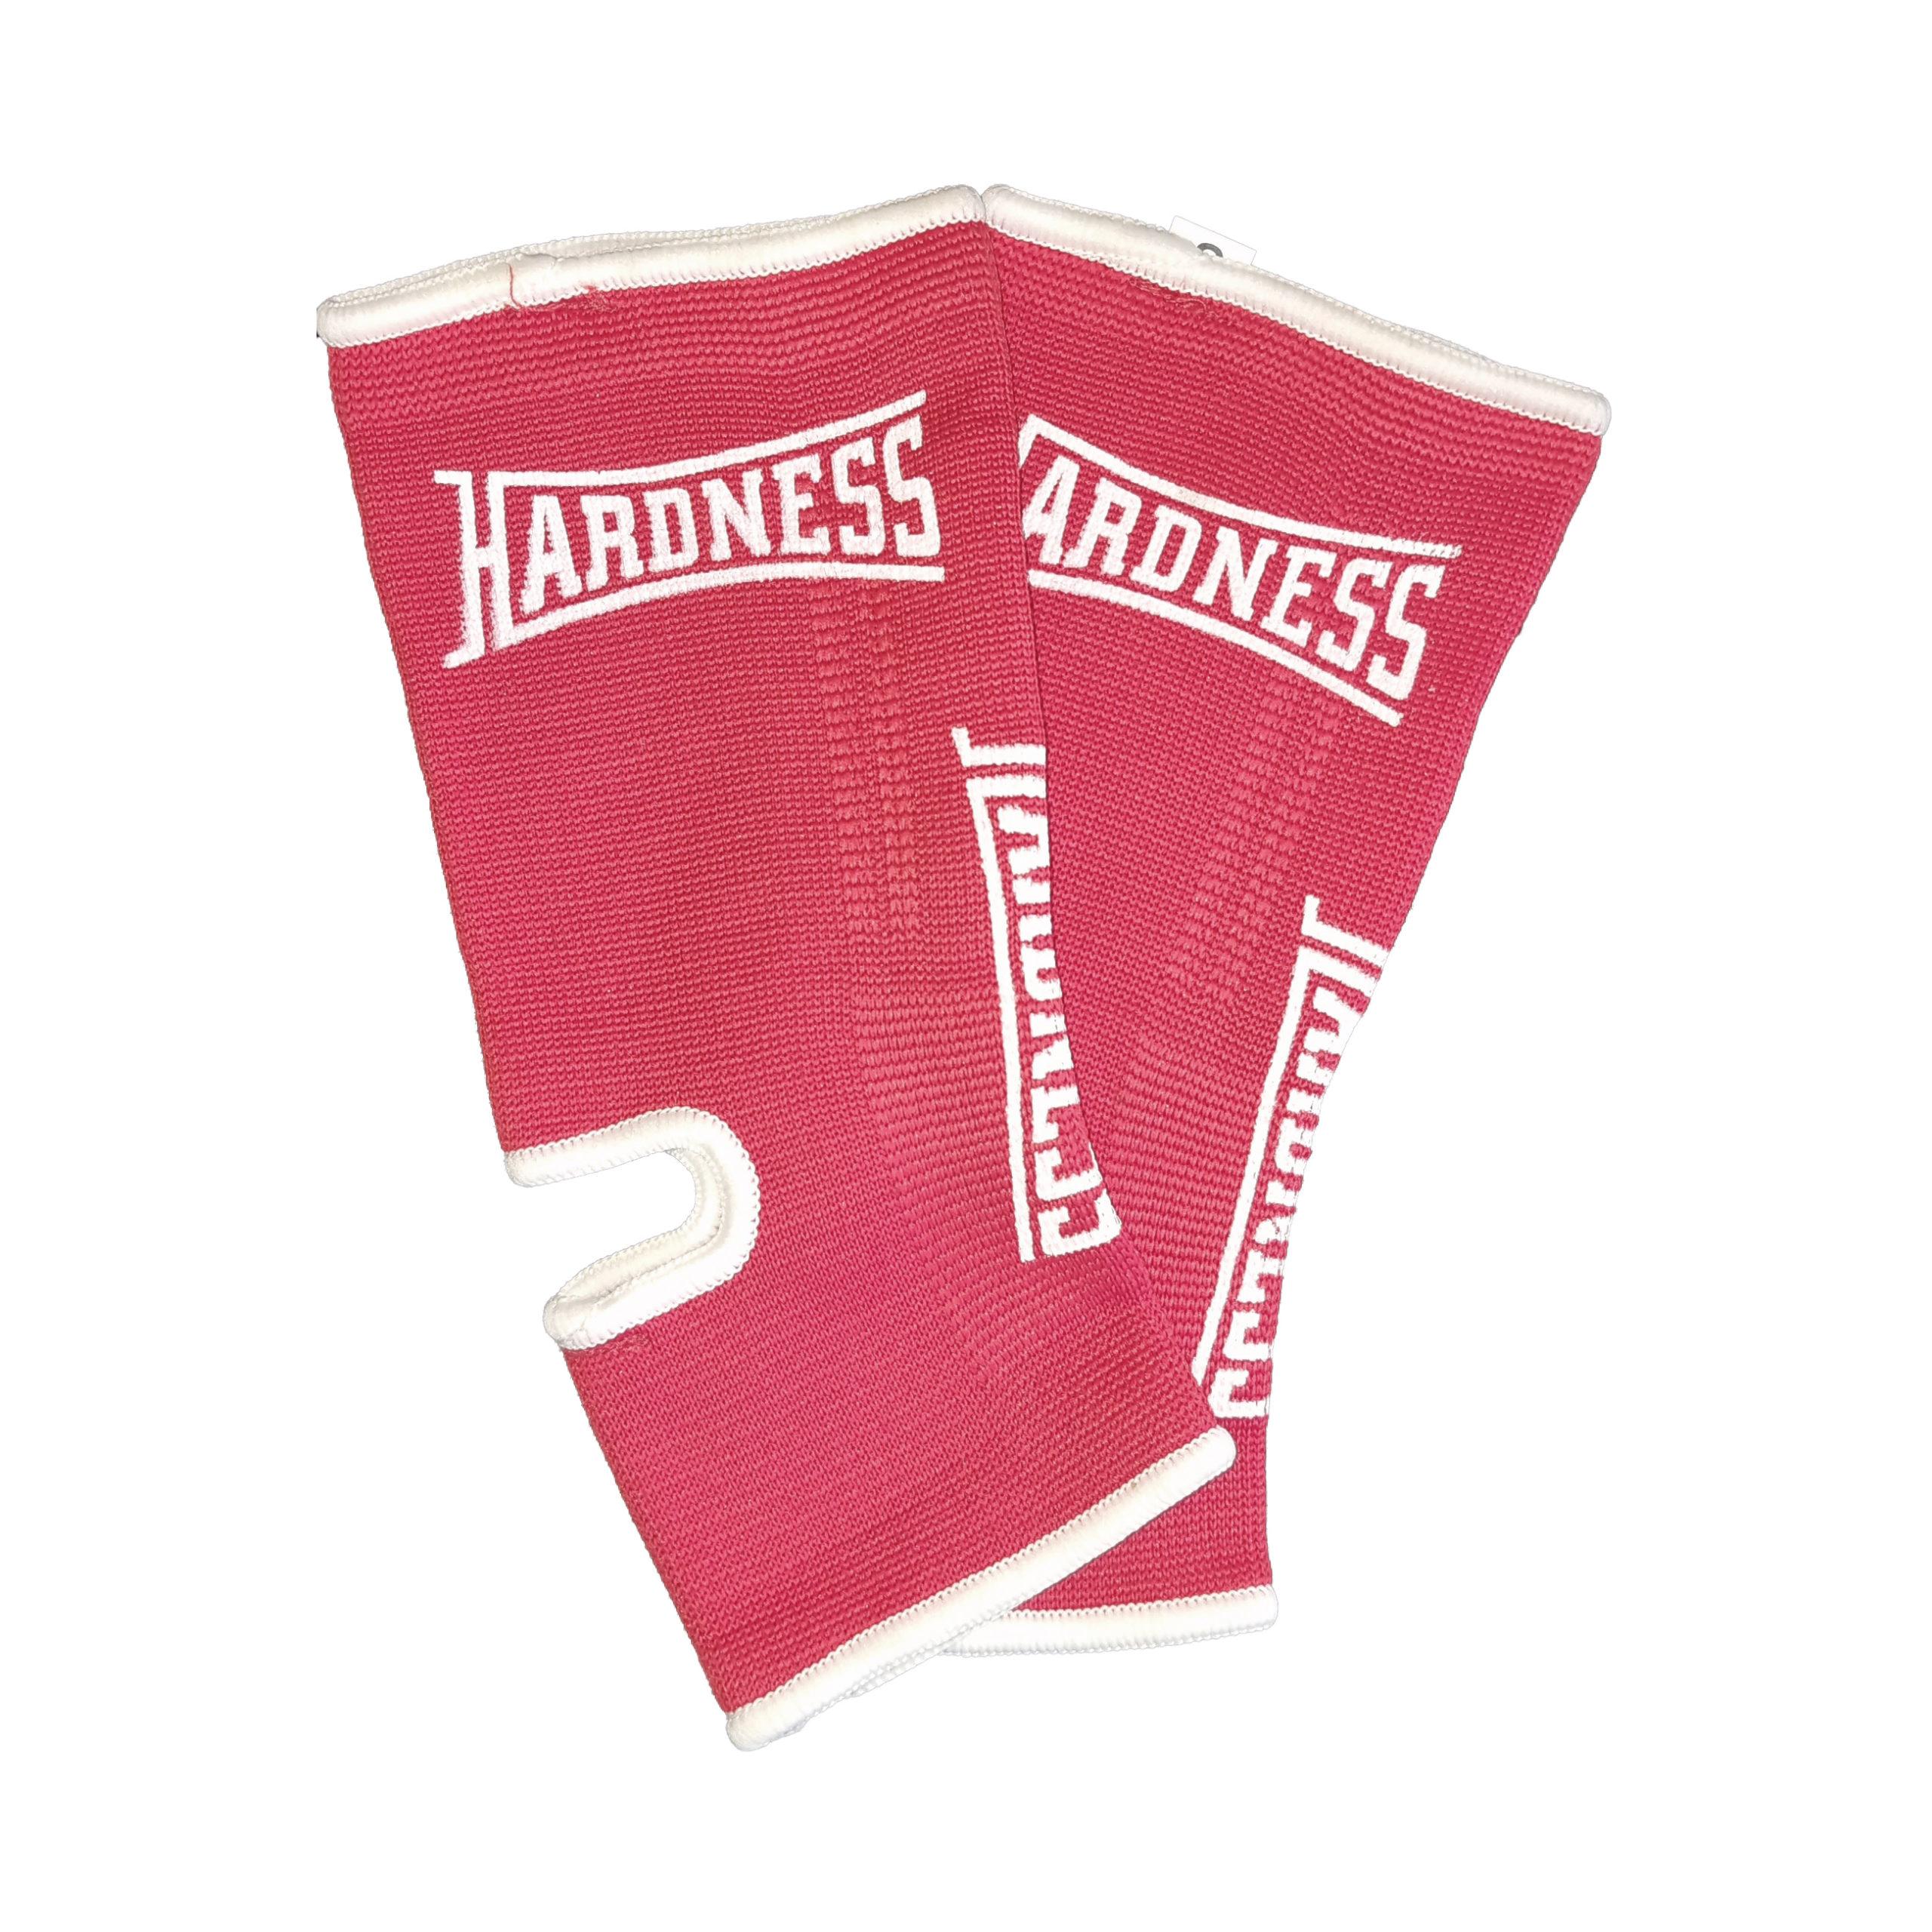 Hardness Enkelkousen B-Stock – Rood met wit 1